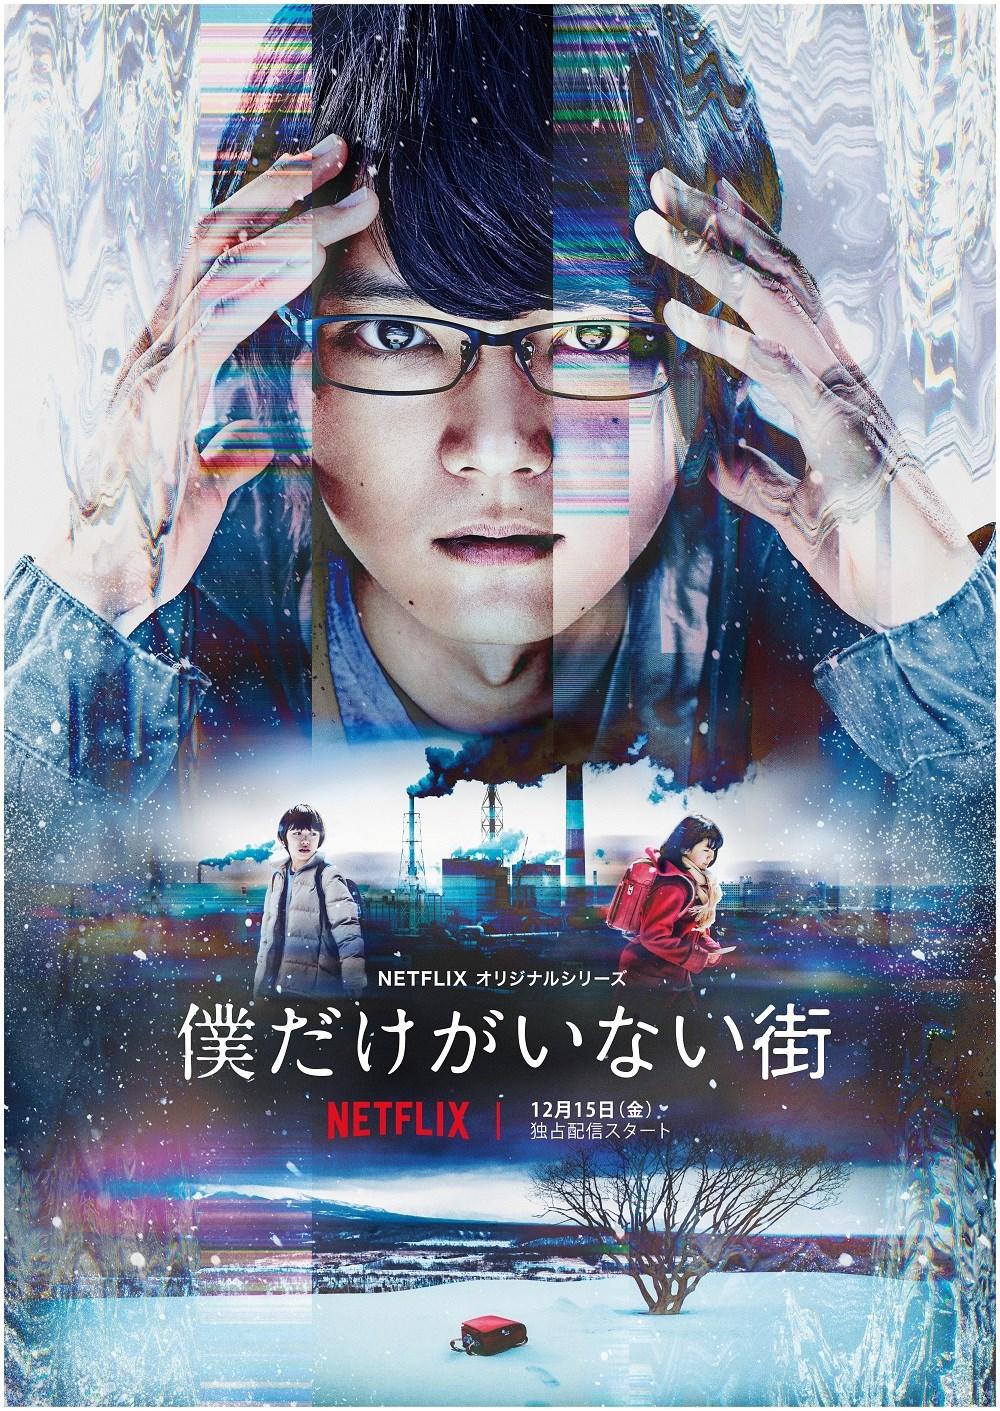 【画像】Netflixオリジナルドラマ『僕だけがいない街』キービジュアル